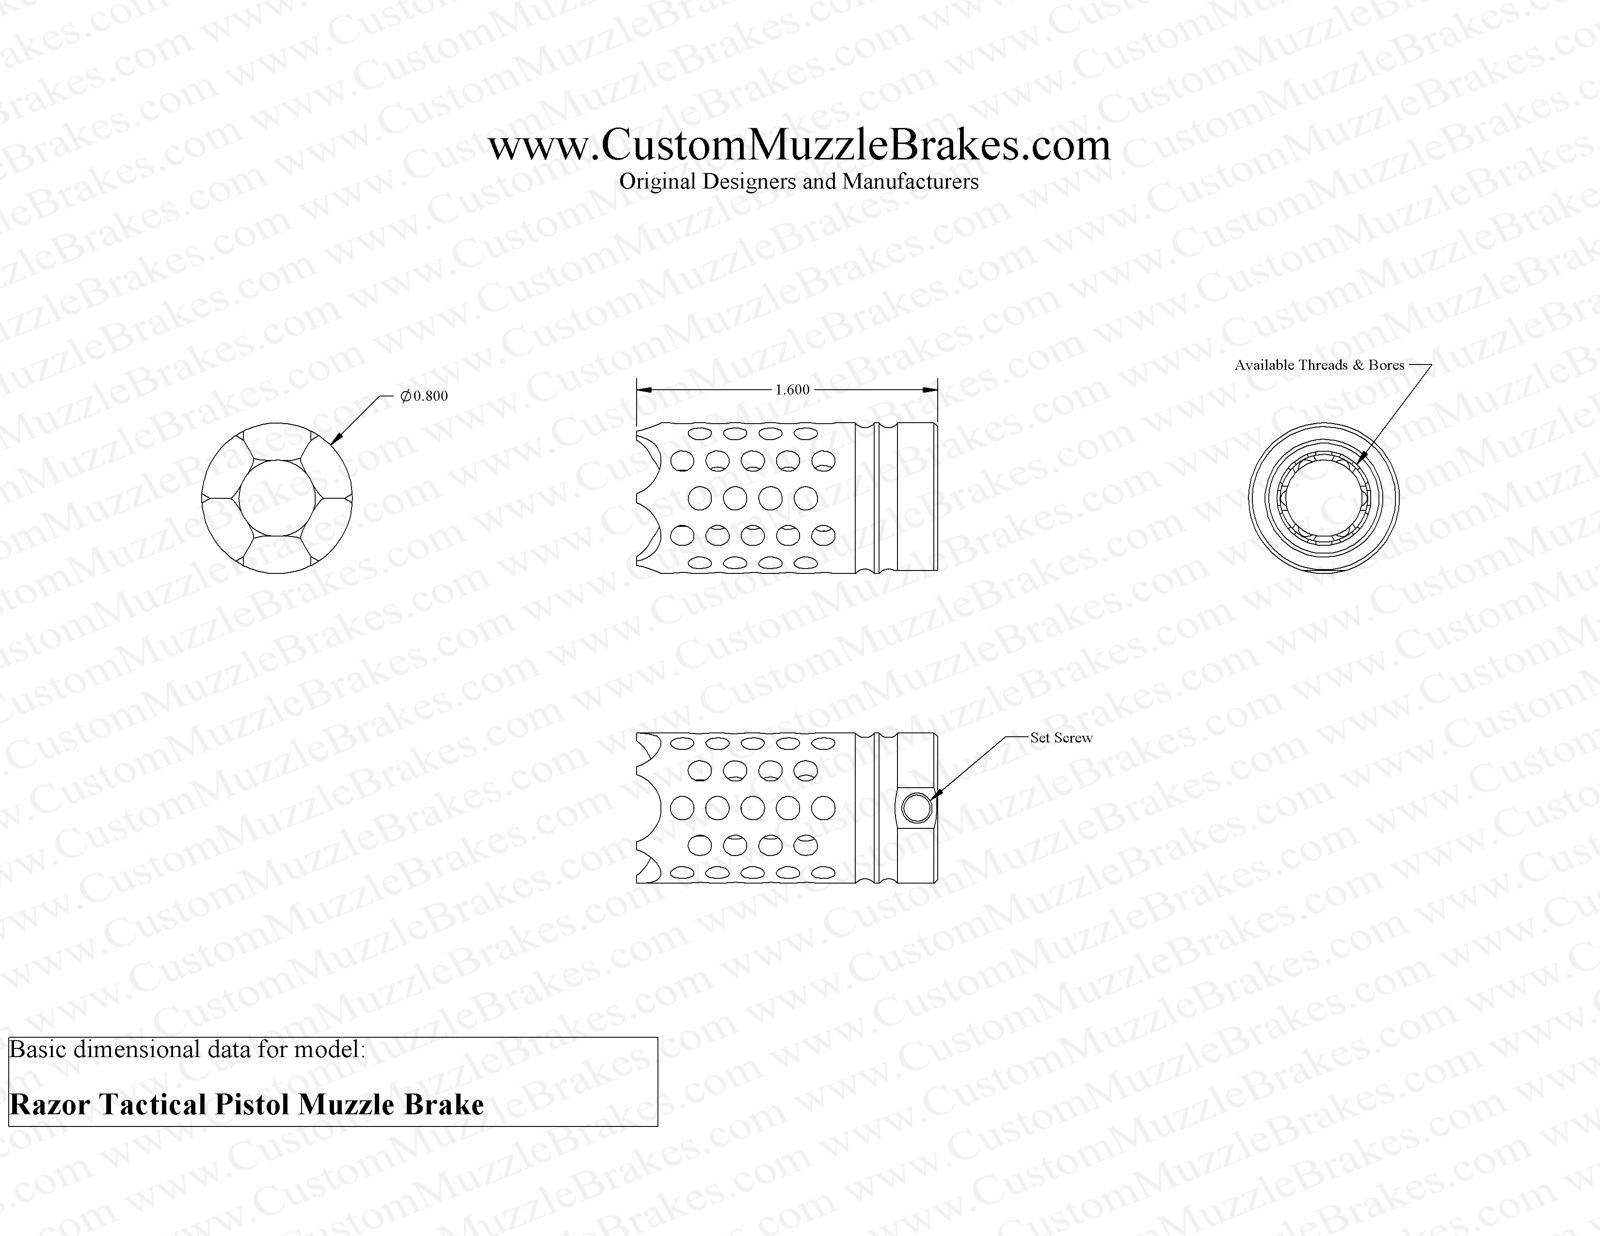 Razor Tactical Pistol Muzzle Brake - Authentic Original Manufacturer